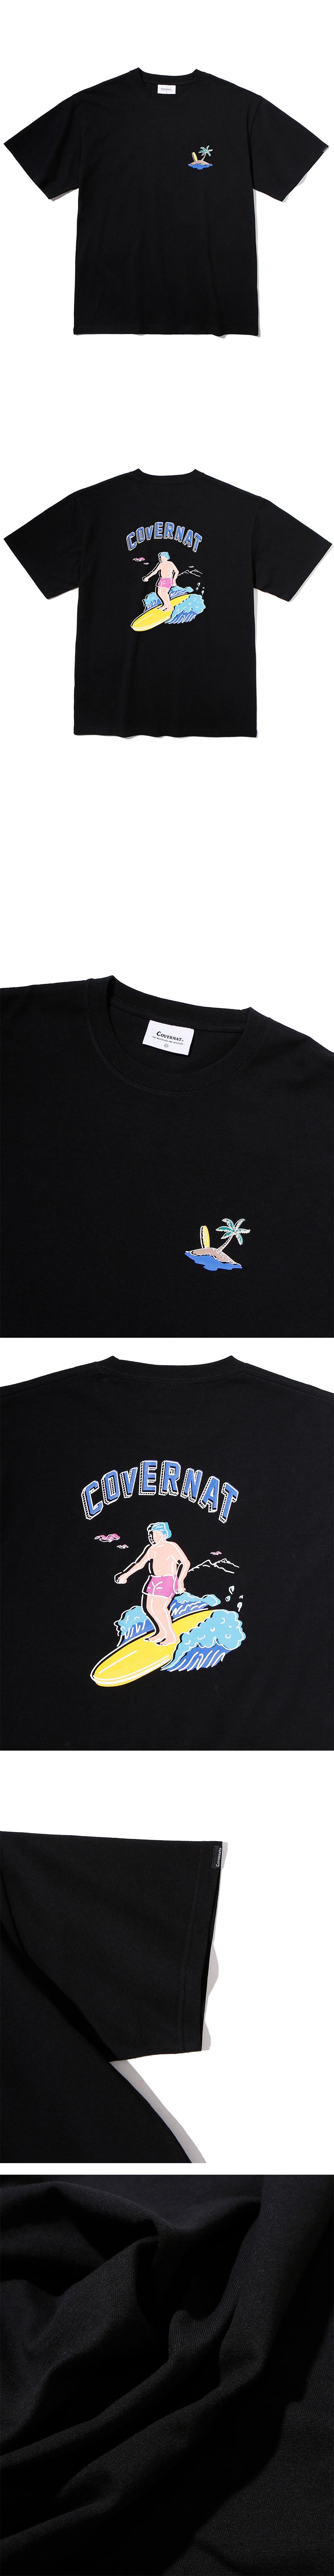 커버낫(COVERNAT) 서퍼맨 티셔츠 블랙